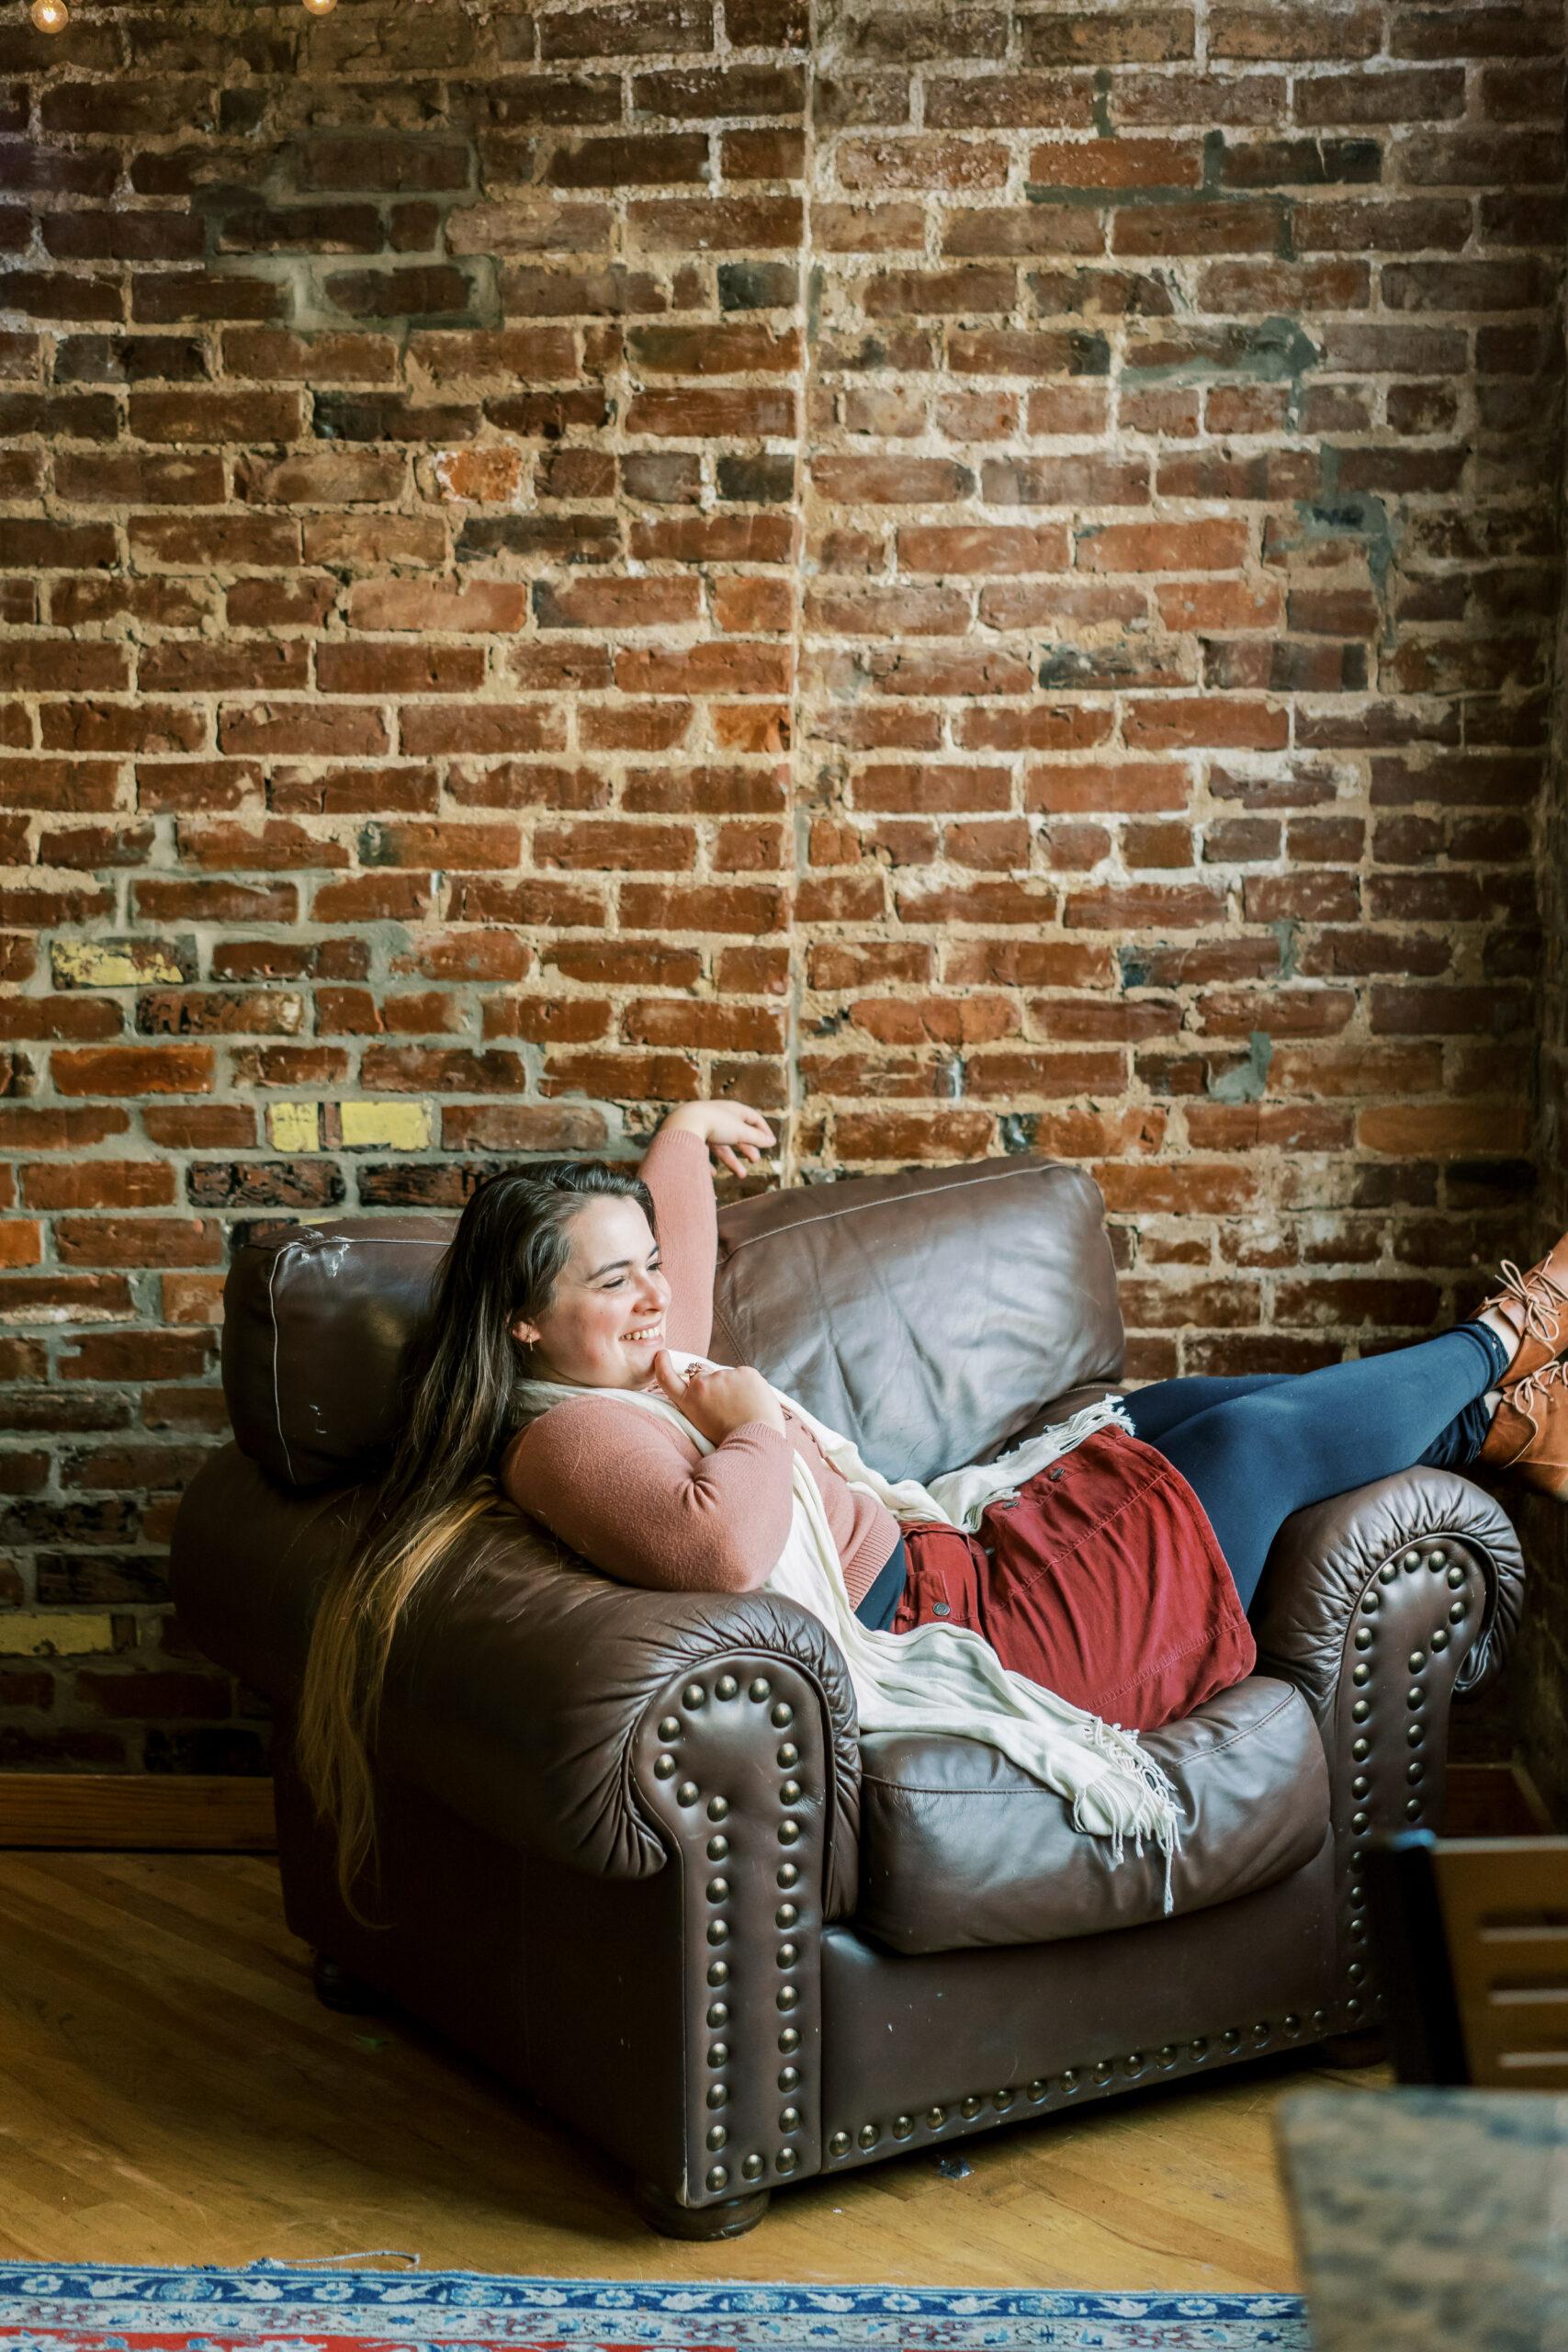 Samantha Goggans - Owner of Foreknown Creative